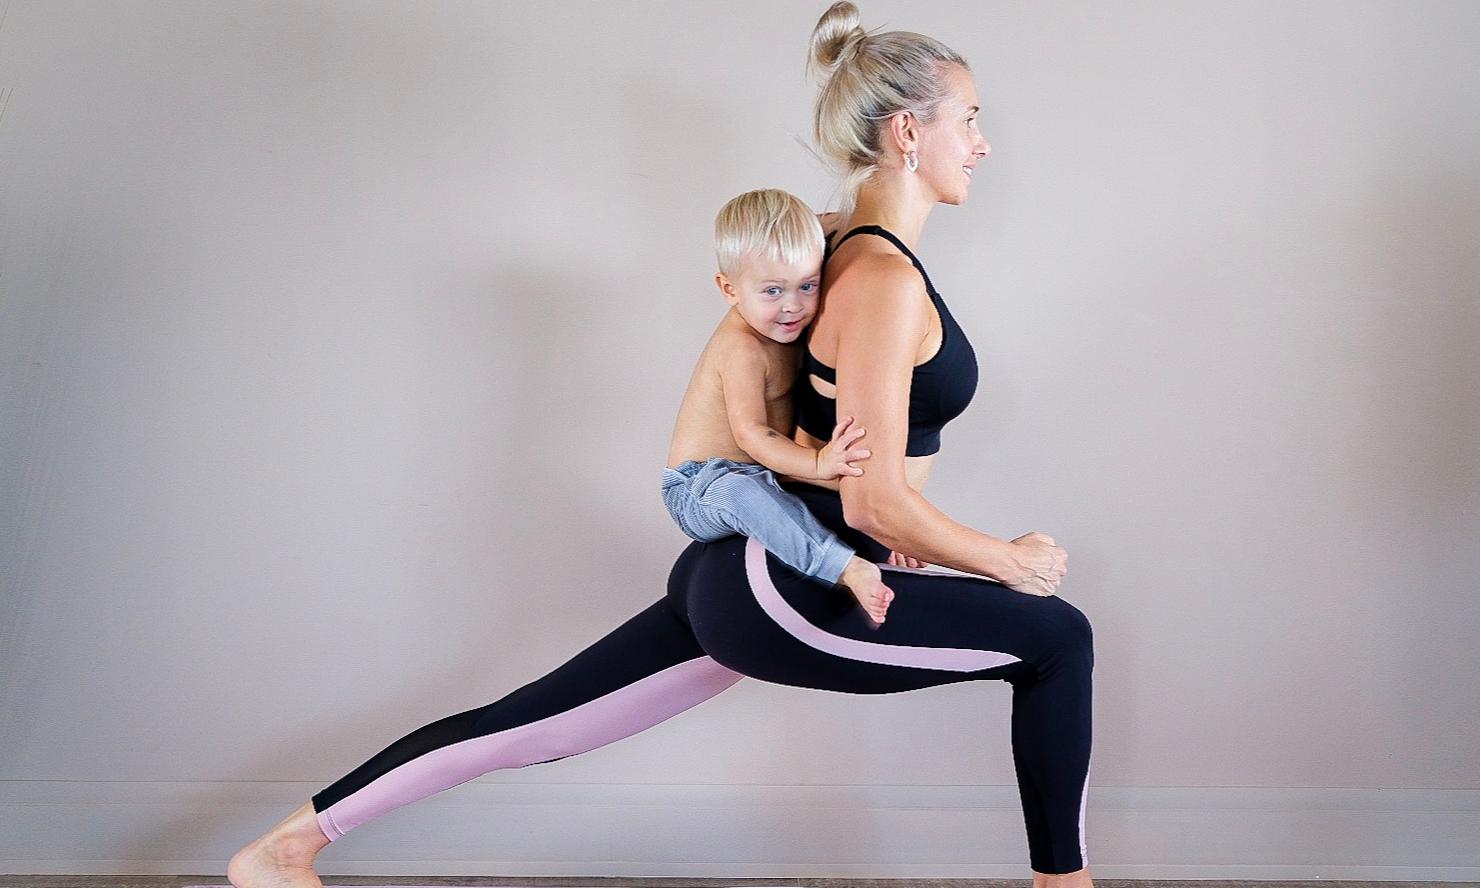 Как превратить мамину йогу в увлекательное приключение для ребенка